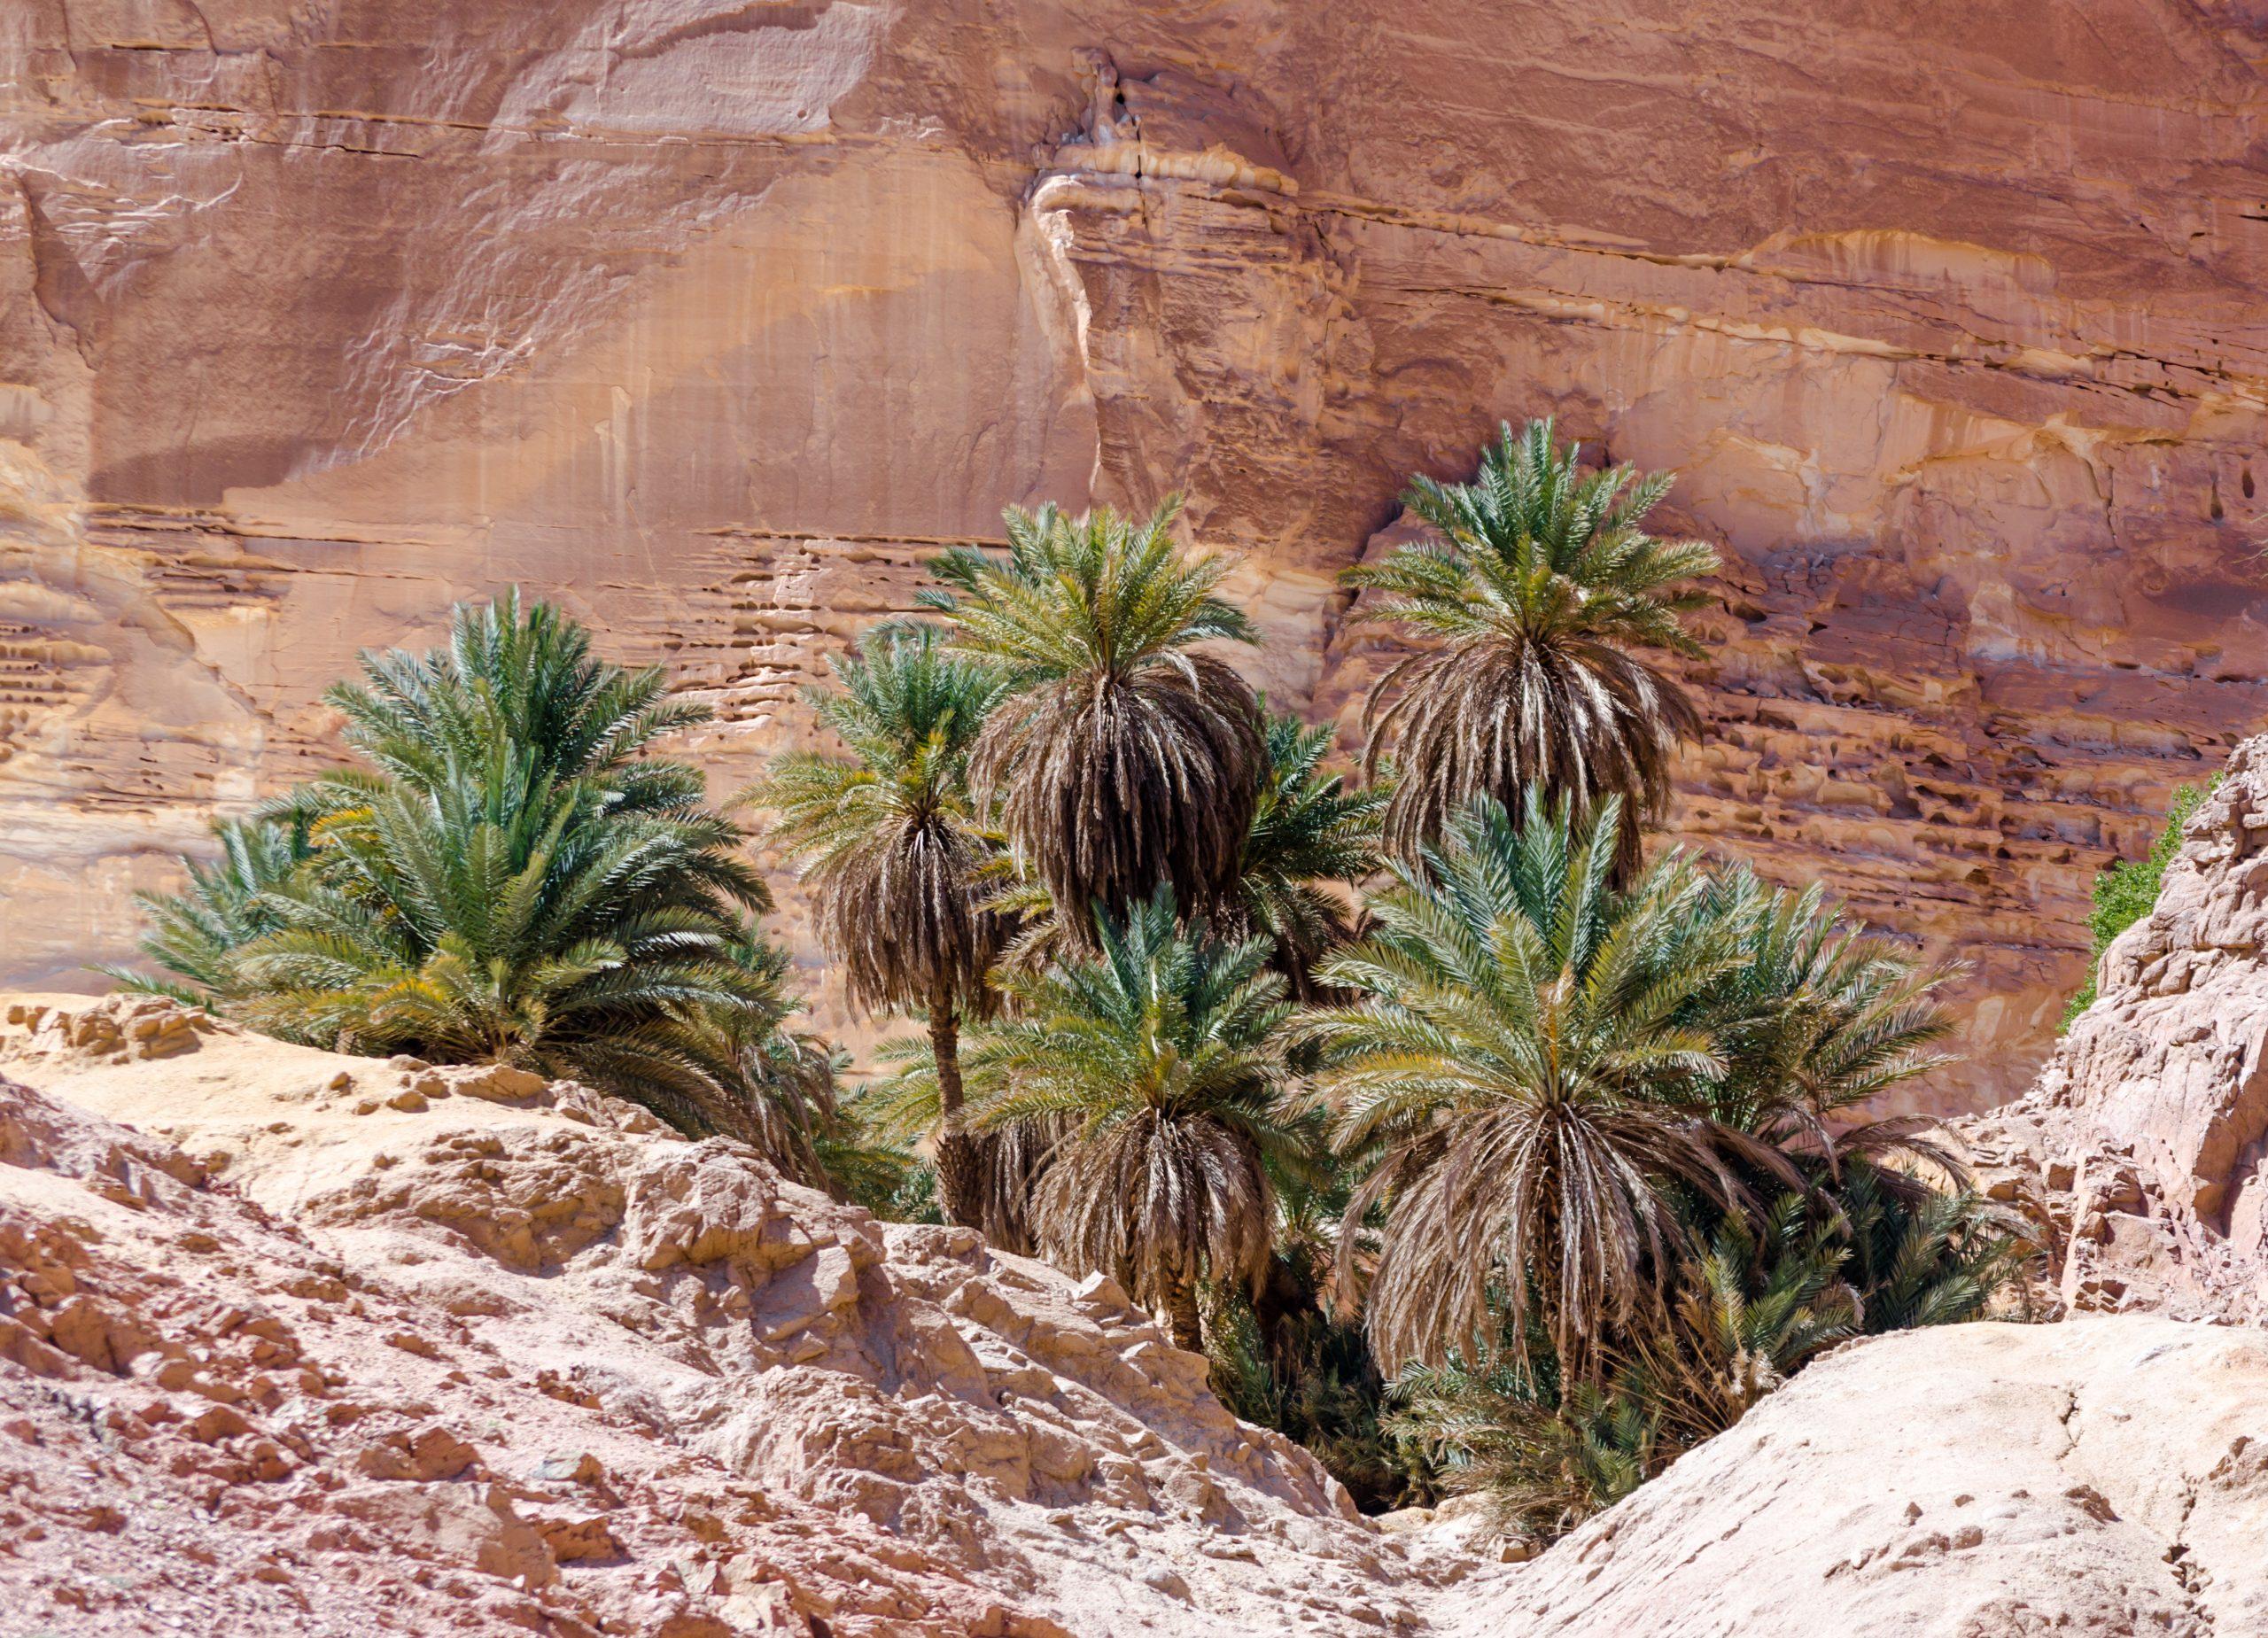 Oasis Sinai